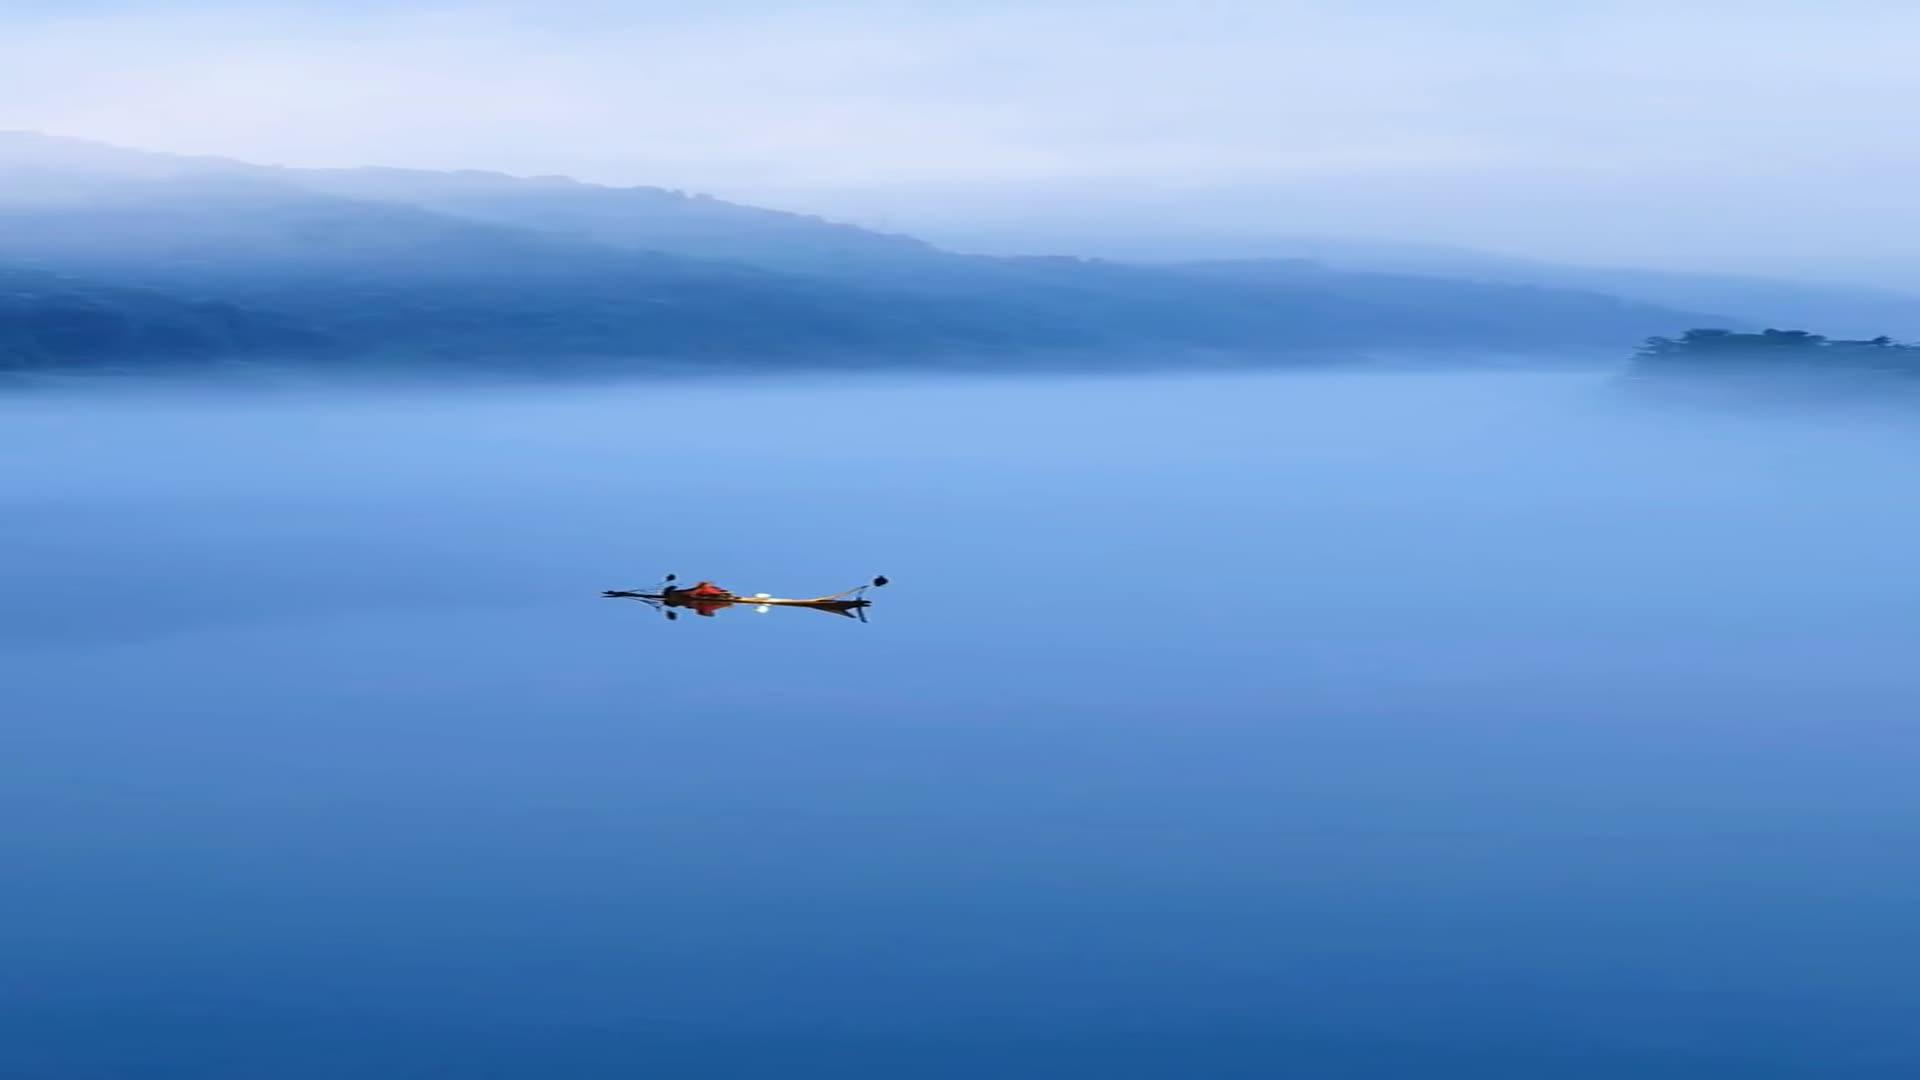 青蓝烟波异舟客,半生漂泊谁人懂。但看古往今来事